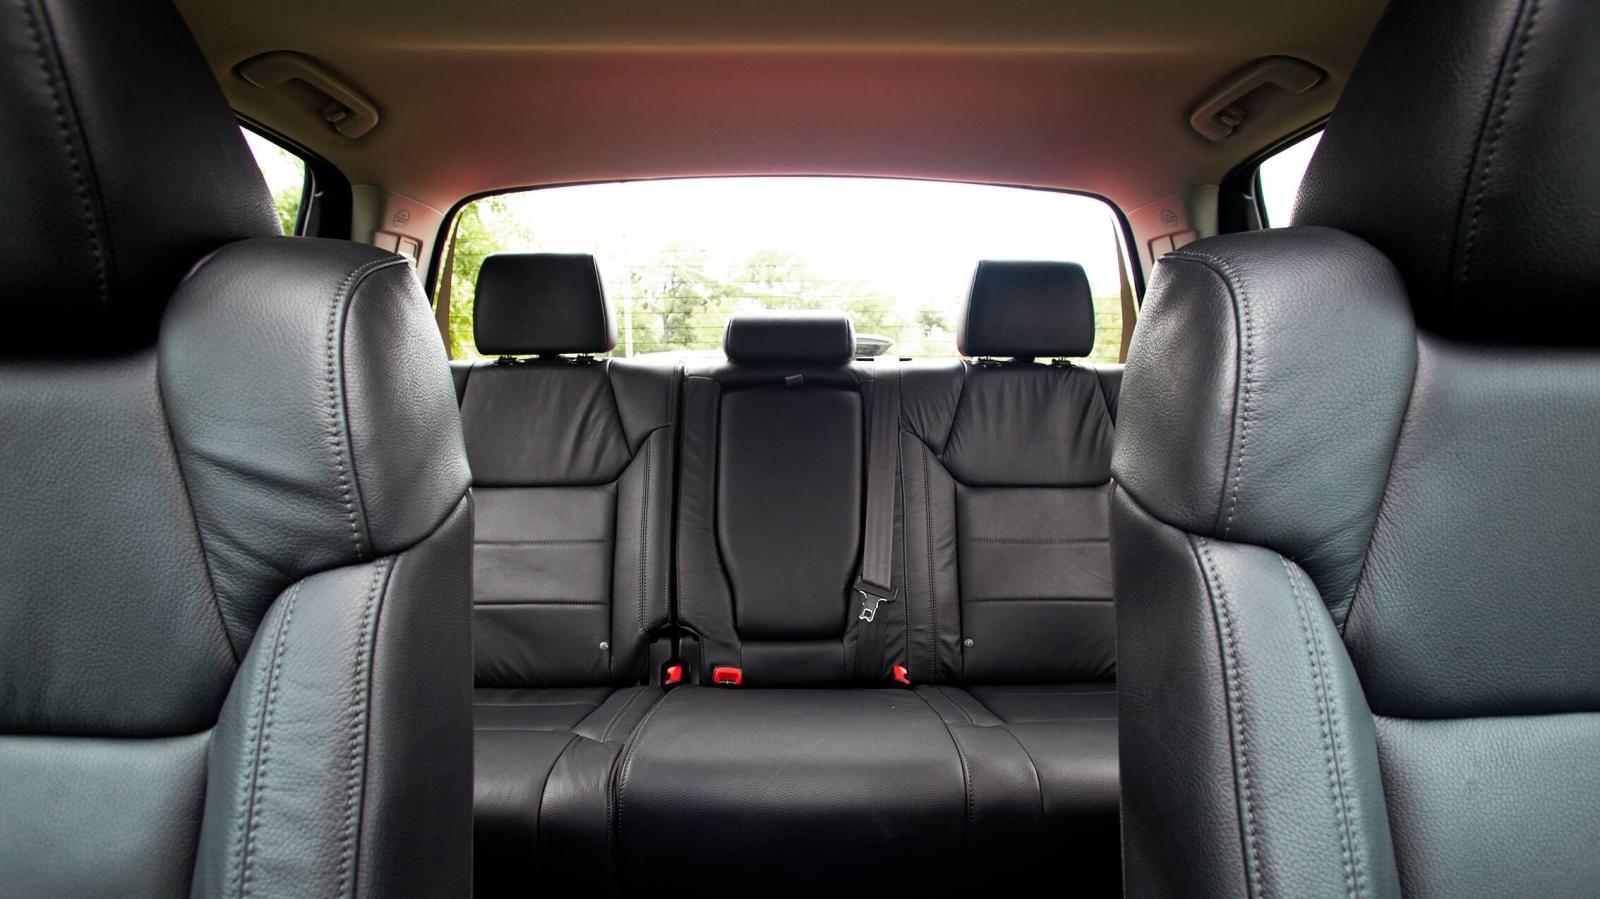 La cabina de la Toyota Tundra 1794 2020 destaca por ofrecer un buen espacio para todos los ocupantes